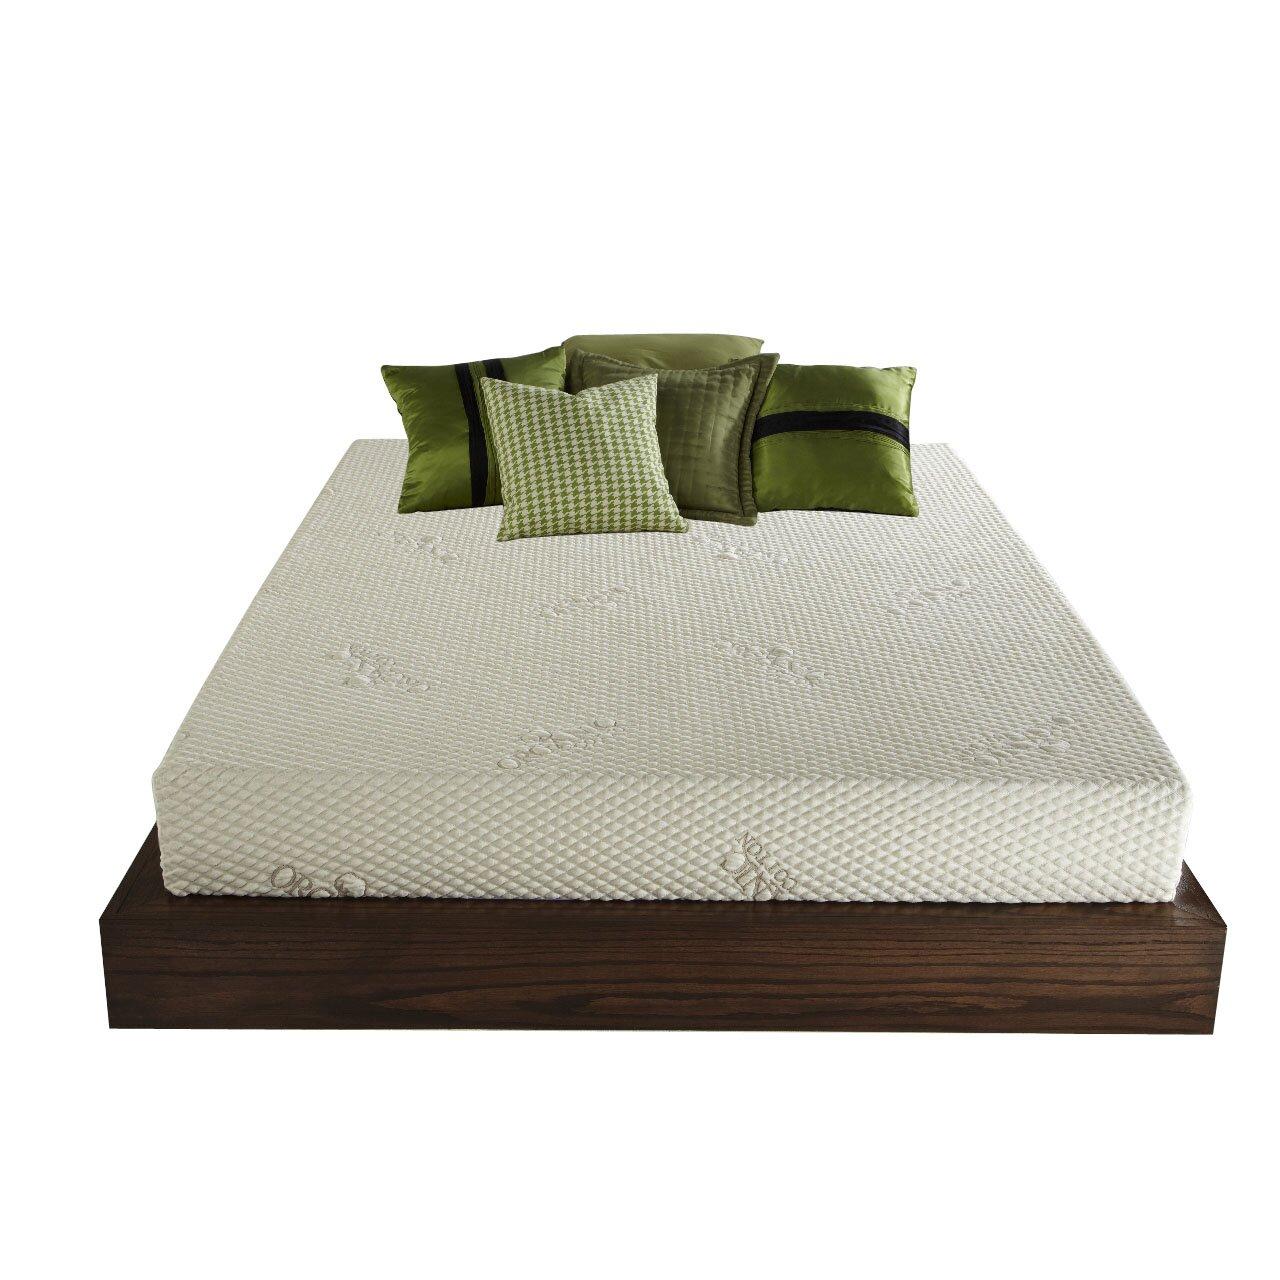 Plush Beds Mobileplush 8 Latex Foam Mattress Reviews Wayfair